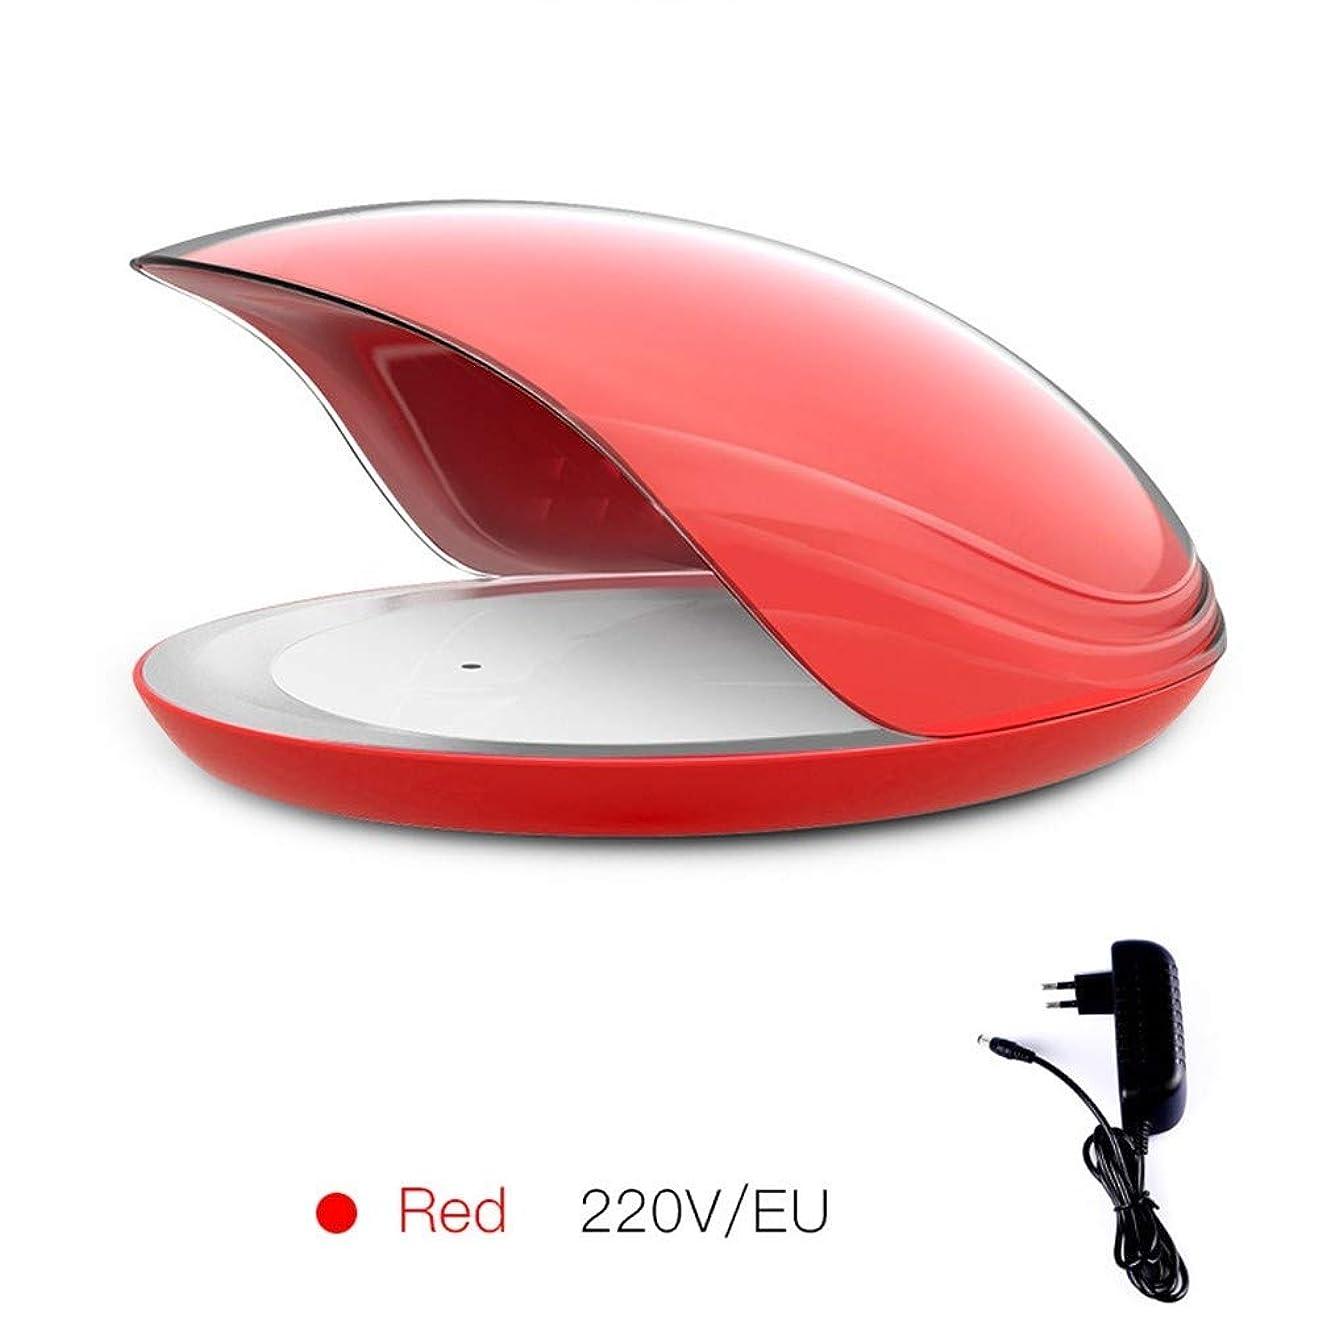 国民倉庫じゃないルーシー?デイ メモリーネイルネイルポリッシュプラスチックドライヤーランプのツールインテリジェント80WネイルUVライトセンシングタイミング (色 : Red flat plug)